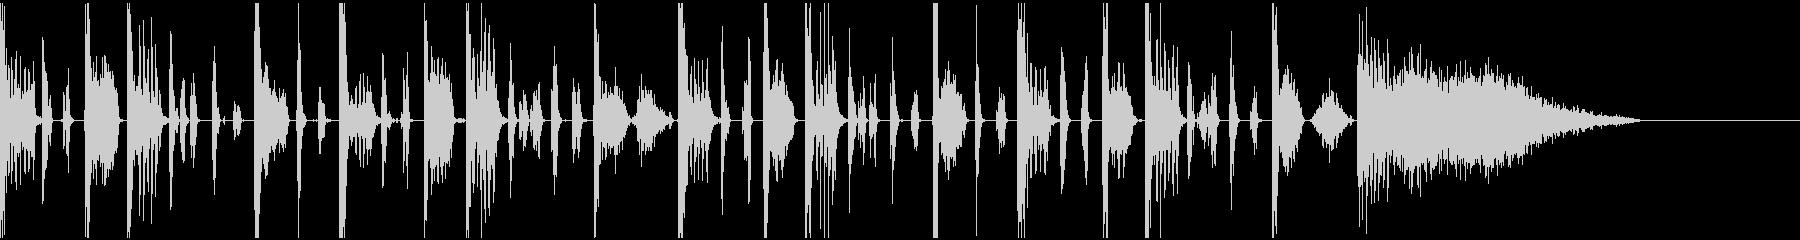 ヒューマンビートボックスのジングルの未再生の波形